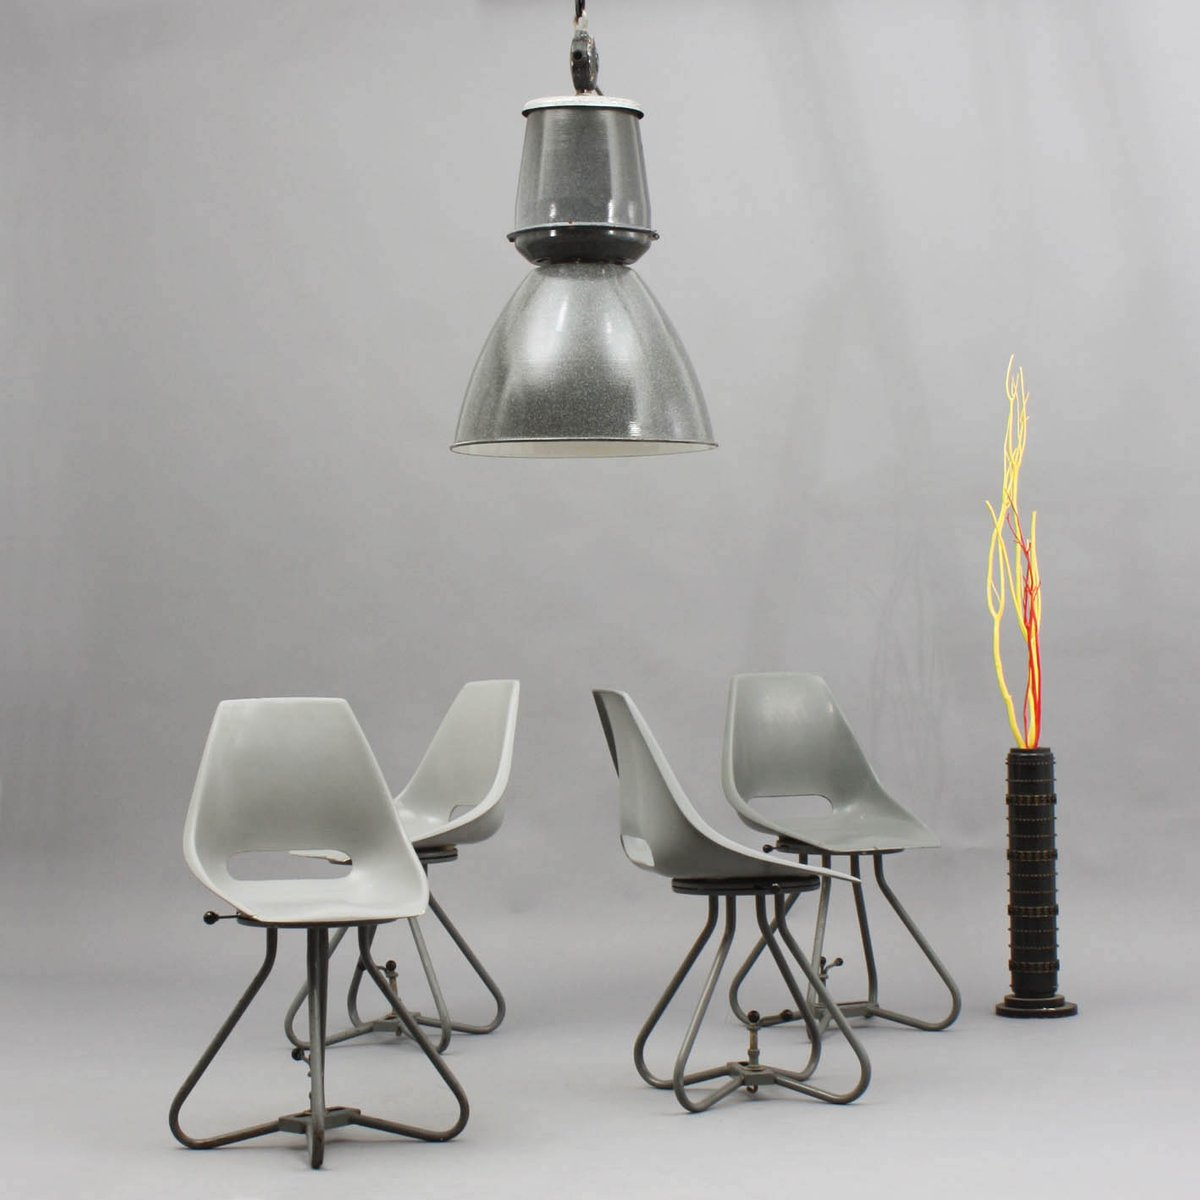 Lampe vintage industrielle en m tal emaill en vente sur pamono - Lampe vintage industrielle ...